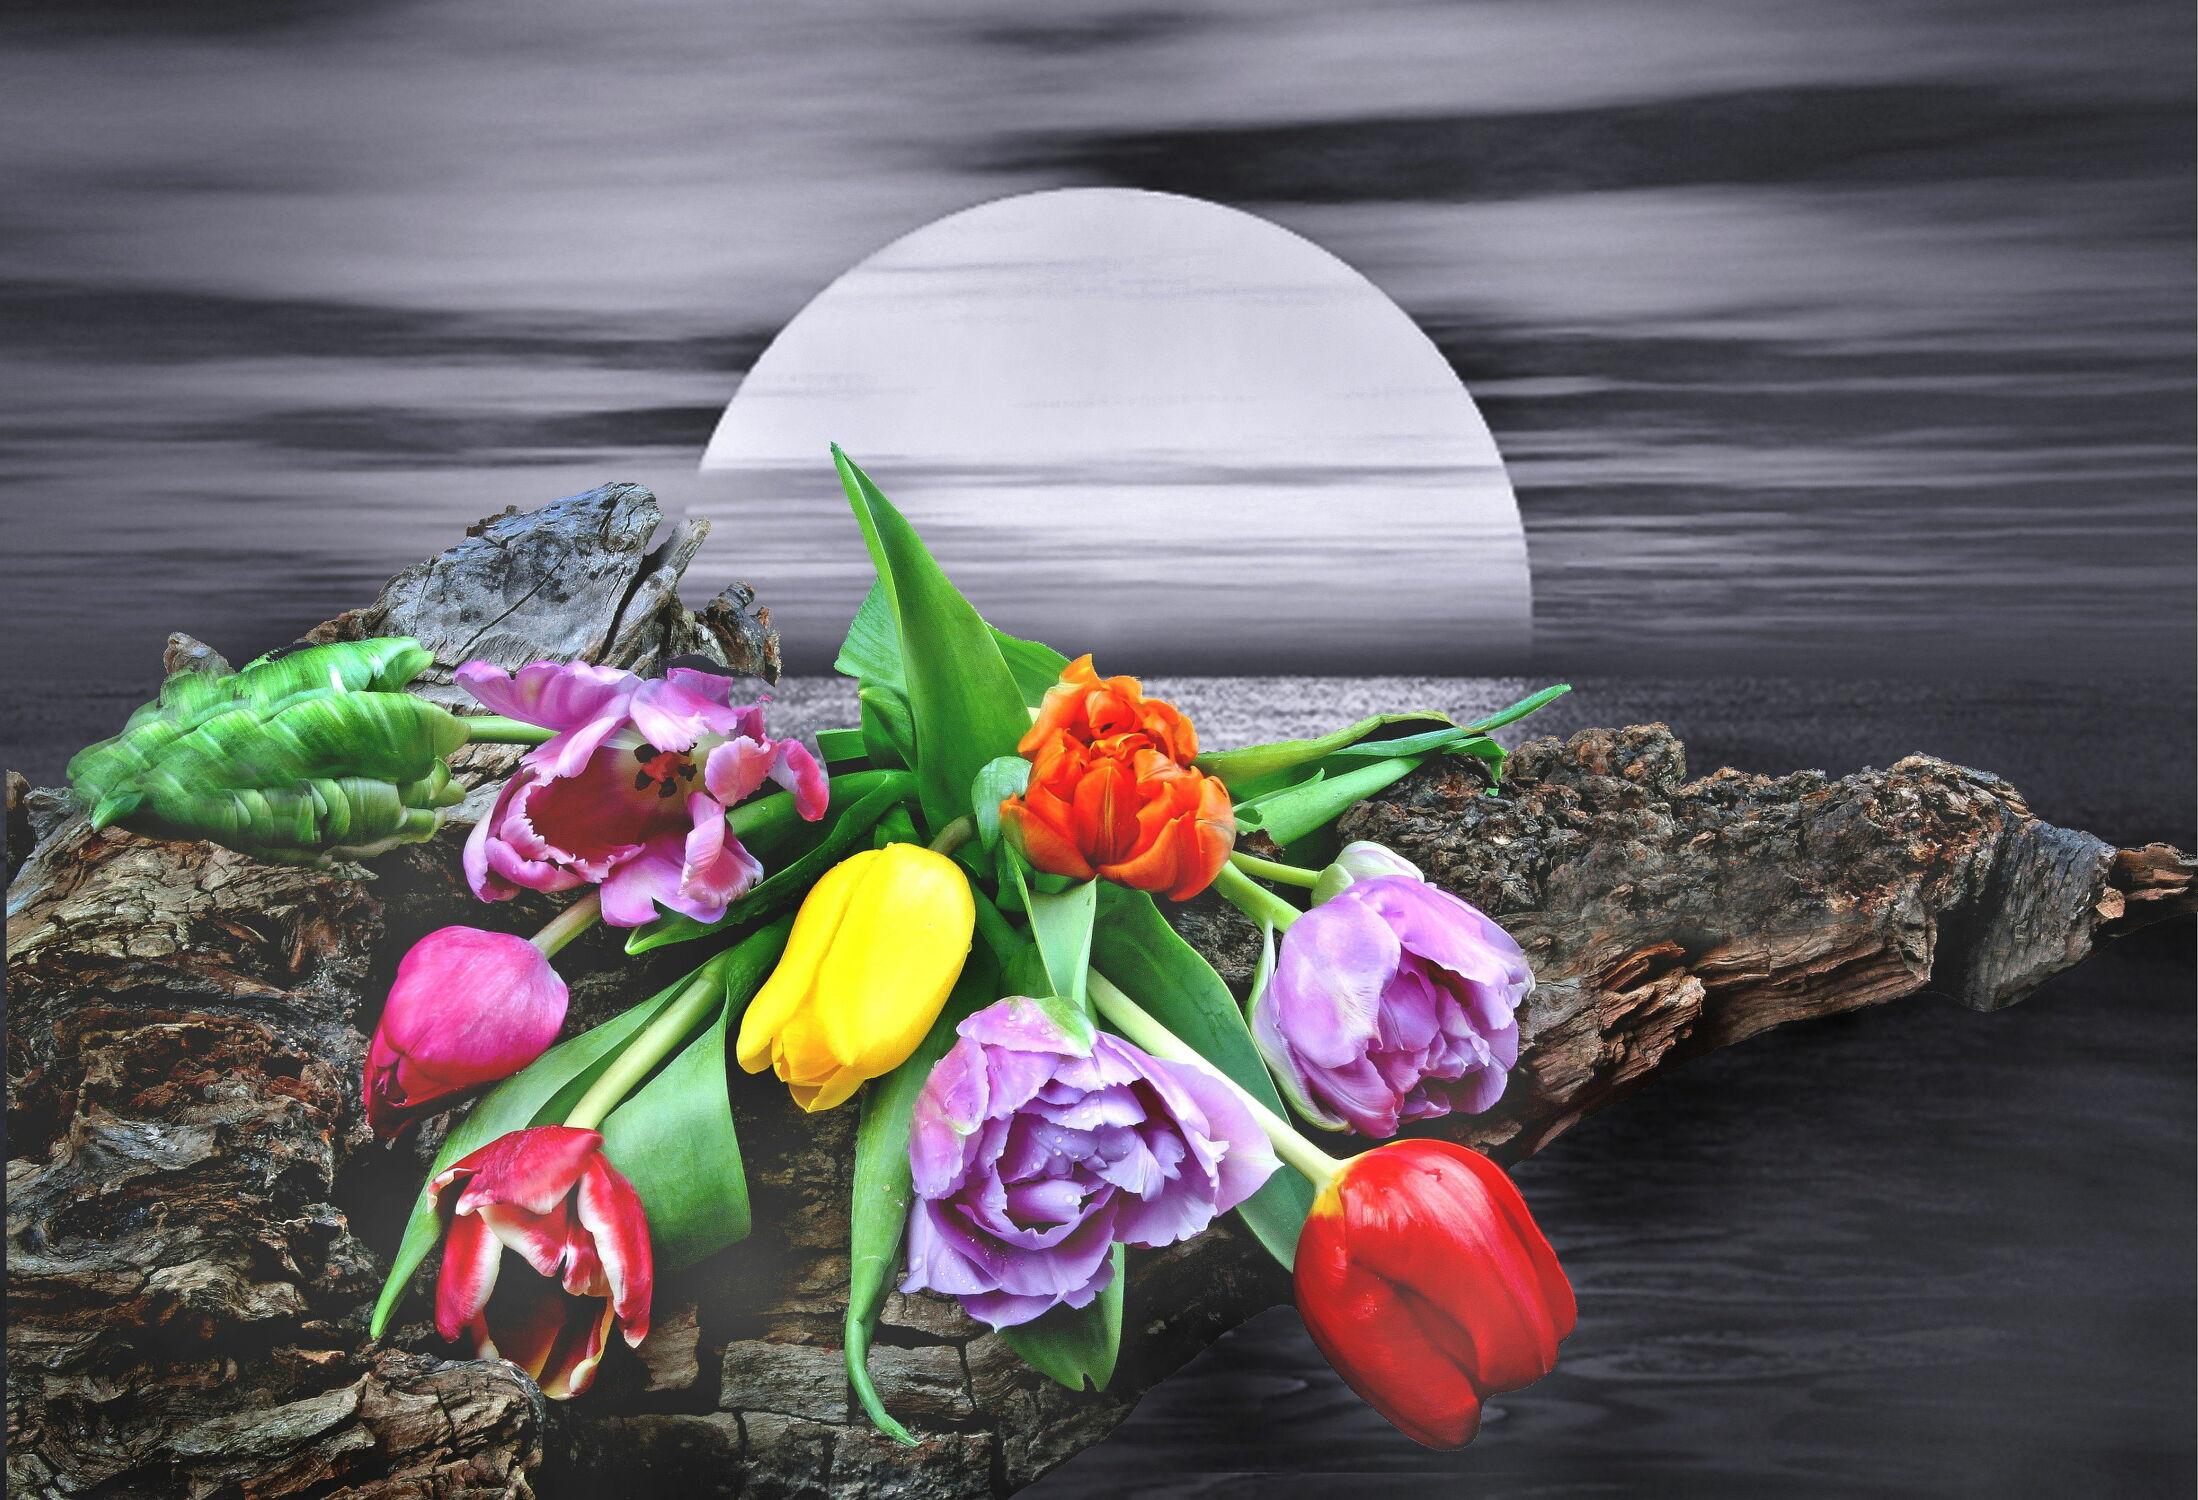 Bild mit Wasser, Wasser, Berge, Blumen, Sonnenuntergang, Sonne, Landschaft, Blume, Tulpe, Tulpen, Wassertropfen, Blüten, Fantasie, blüte, romantisch